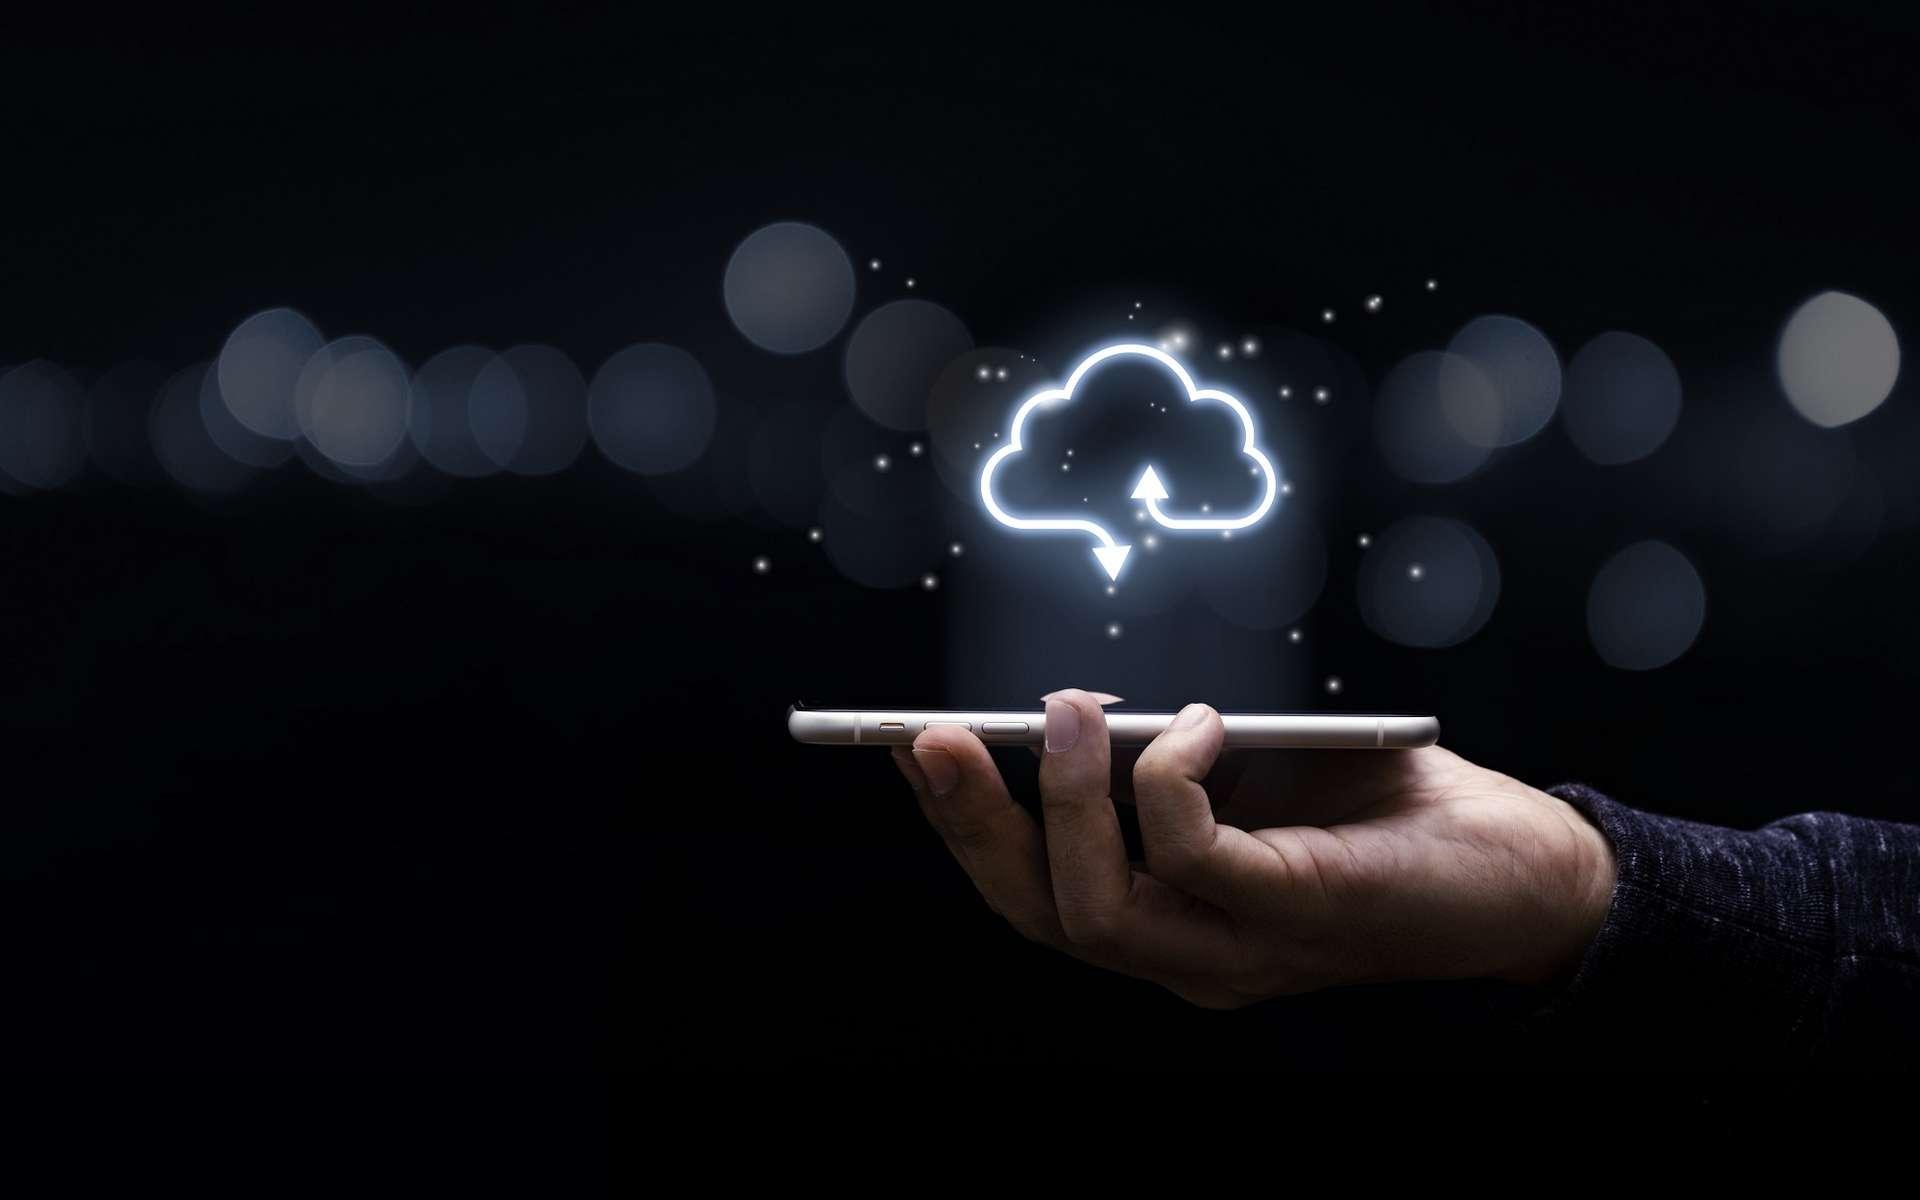 La transformation numérique de la société a bouleversé les habitudes de consommation et fait naître de nouveaux besoins et de nouveaux usages. © Dilok, Adobe Stock